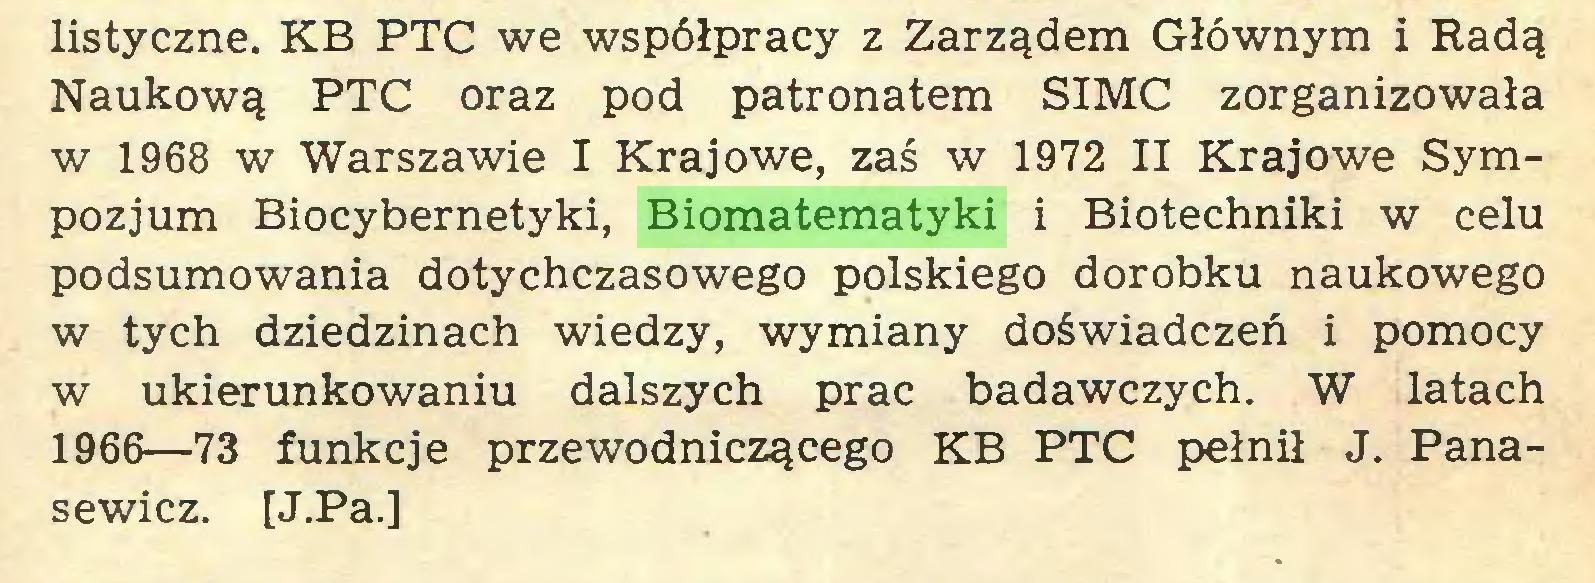 (...) listyczne. KB PTC we współpracy z Zarządem Głównym i Radą Naukową PTC oraz pod patronatem SIMC zorganizowała w 1968 w Warszawie I Krajowe, zaś w 1972 II Krajowe Sympozjum Biocybernetyki, Biomatematyki i Biotechniki w celu podsumowania dotychczasowego polskiego dorobku naukowego w tych dziedzinach wiedzy, wymiany doświadczeń i pomocy w ukierunkowaniu dalszych prac badawczych. W latach 1966—73 funkcje przewodniczącego KB PTC pełnił J. Panasewicz. [J.Pa.]...